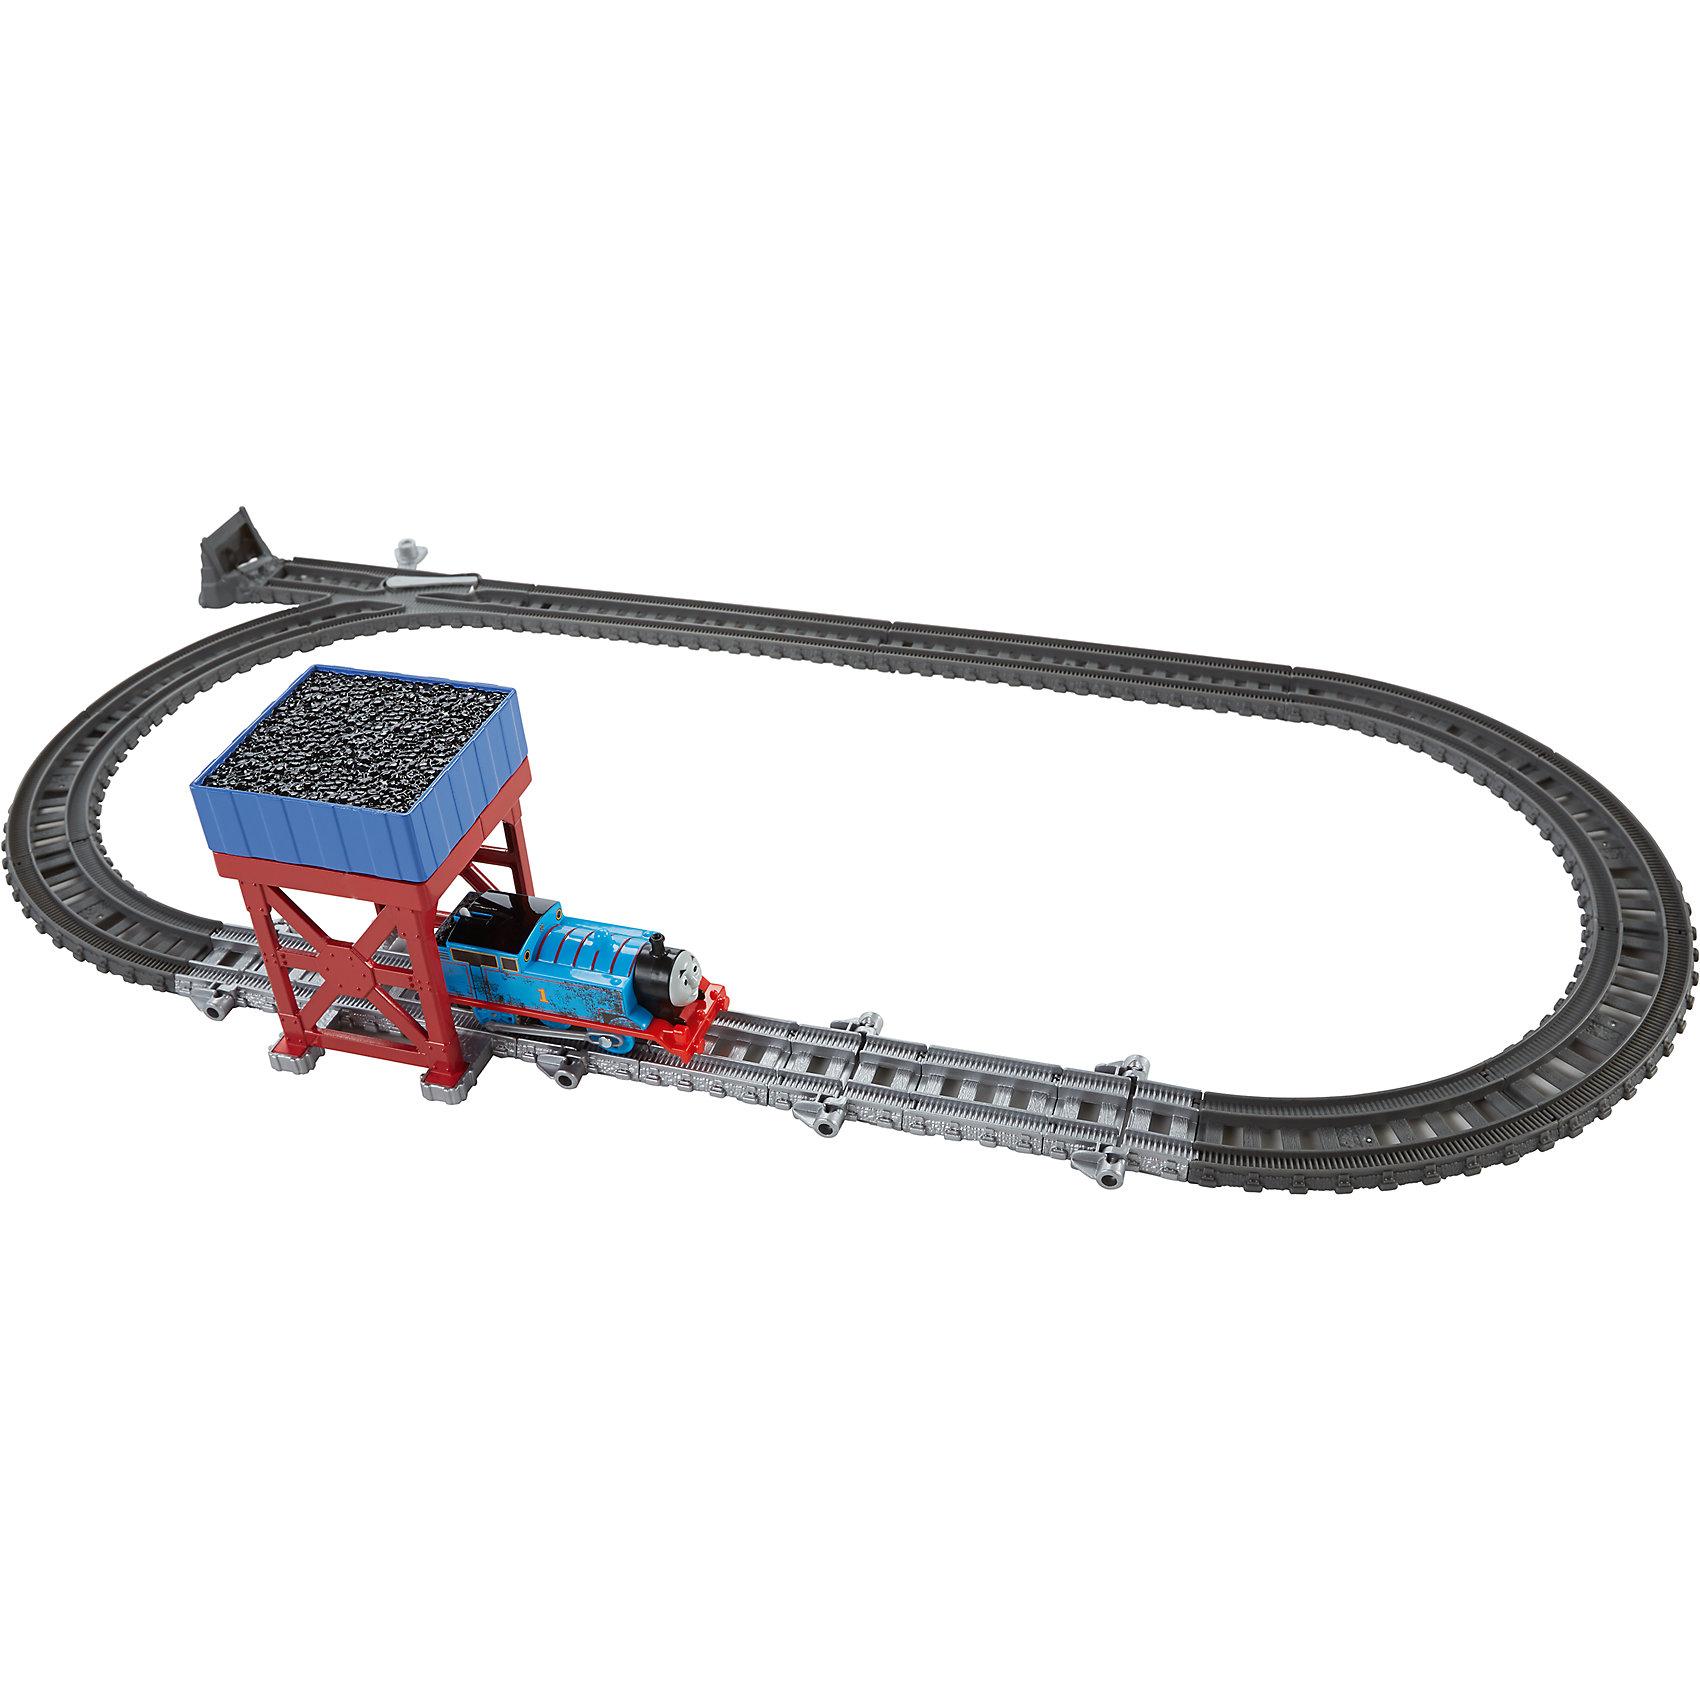 Набор 2-в-1 «Угольный бункер/Водяное колесо», Томас и его друзьяПопулярные игрушки<br>Характеристики товара:<br><br>• комплектация: паравозик Томас, железная дорога<br>• материал: пластик<br>• серия: Thomas &amp; Friends<br>• возраст: от трех лет<br>• габариты упаковки:  5,5х16х26см<br>• срок годности: не ограничен<br>• страна бренда: США<br><br>Дополнение к основной железной дороге – участок с бункером, из которого высыпается уголь! Поднесите паровозик к бункеру, чтобы игрушечный уголь высыпался в специальный пустой вагончик. Стоит отметить, что все товары, выпускаемые компанией Mattel, полностью безопасны и соответствуют международным  требованиям по качеству материалов.<br><br>Товар «Набор 2-в-1 «Угольный бункер/Водяное колесо», Томас и его друзья» можно приобрести в нашем интернет-магазине.<br><br>Ширина мм: 65<br>Глубина мм: 240<br>Высота мм: 330<br>Вес г: 662<br>Возраст от месяцев: 36<br>Возраст до месяцев: 120<br>Пол: Мужской<br>Возраст: Детский<br>SKU: 5434139